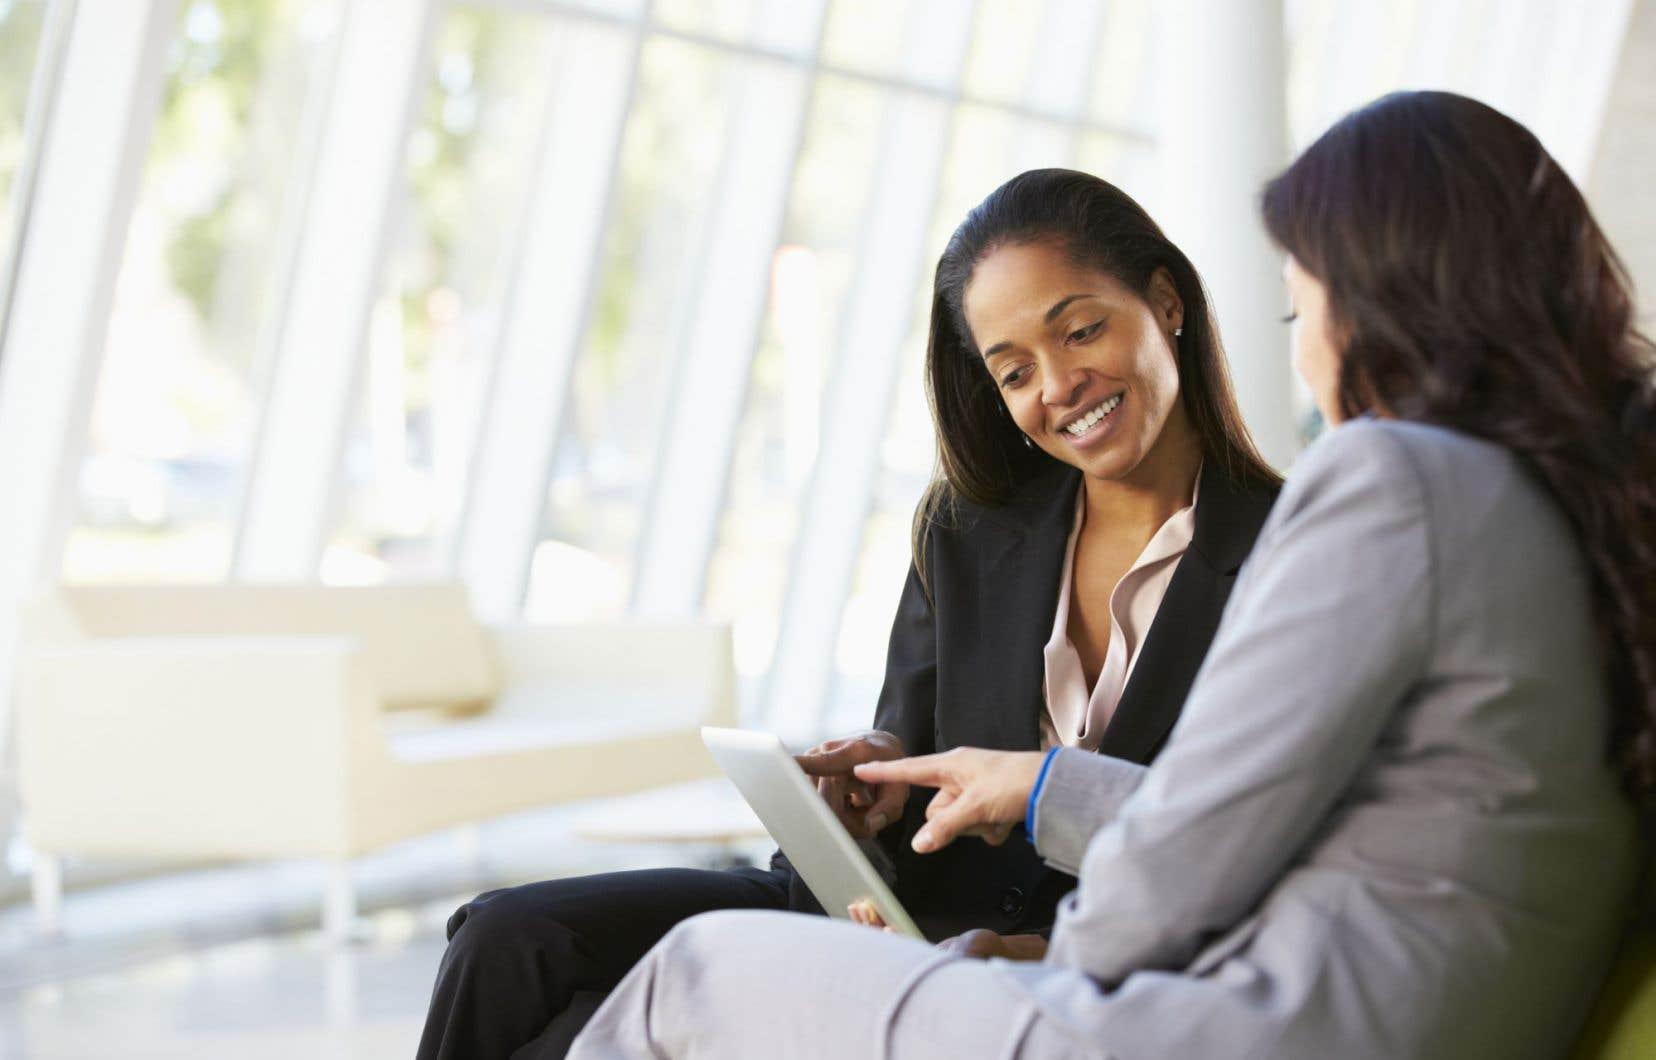 La proportion des femmes dans les ordres professionnels est passée de 56% à 61% en dix ans.